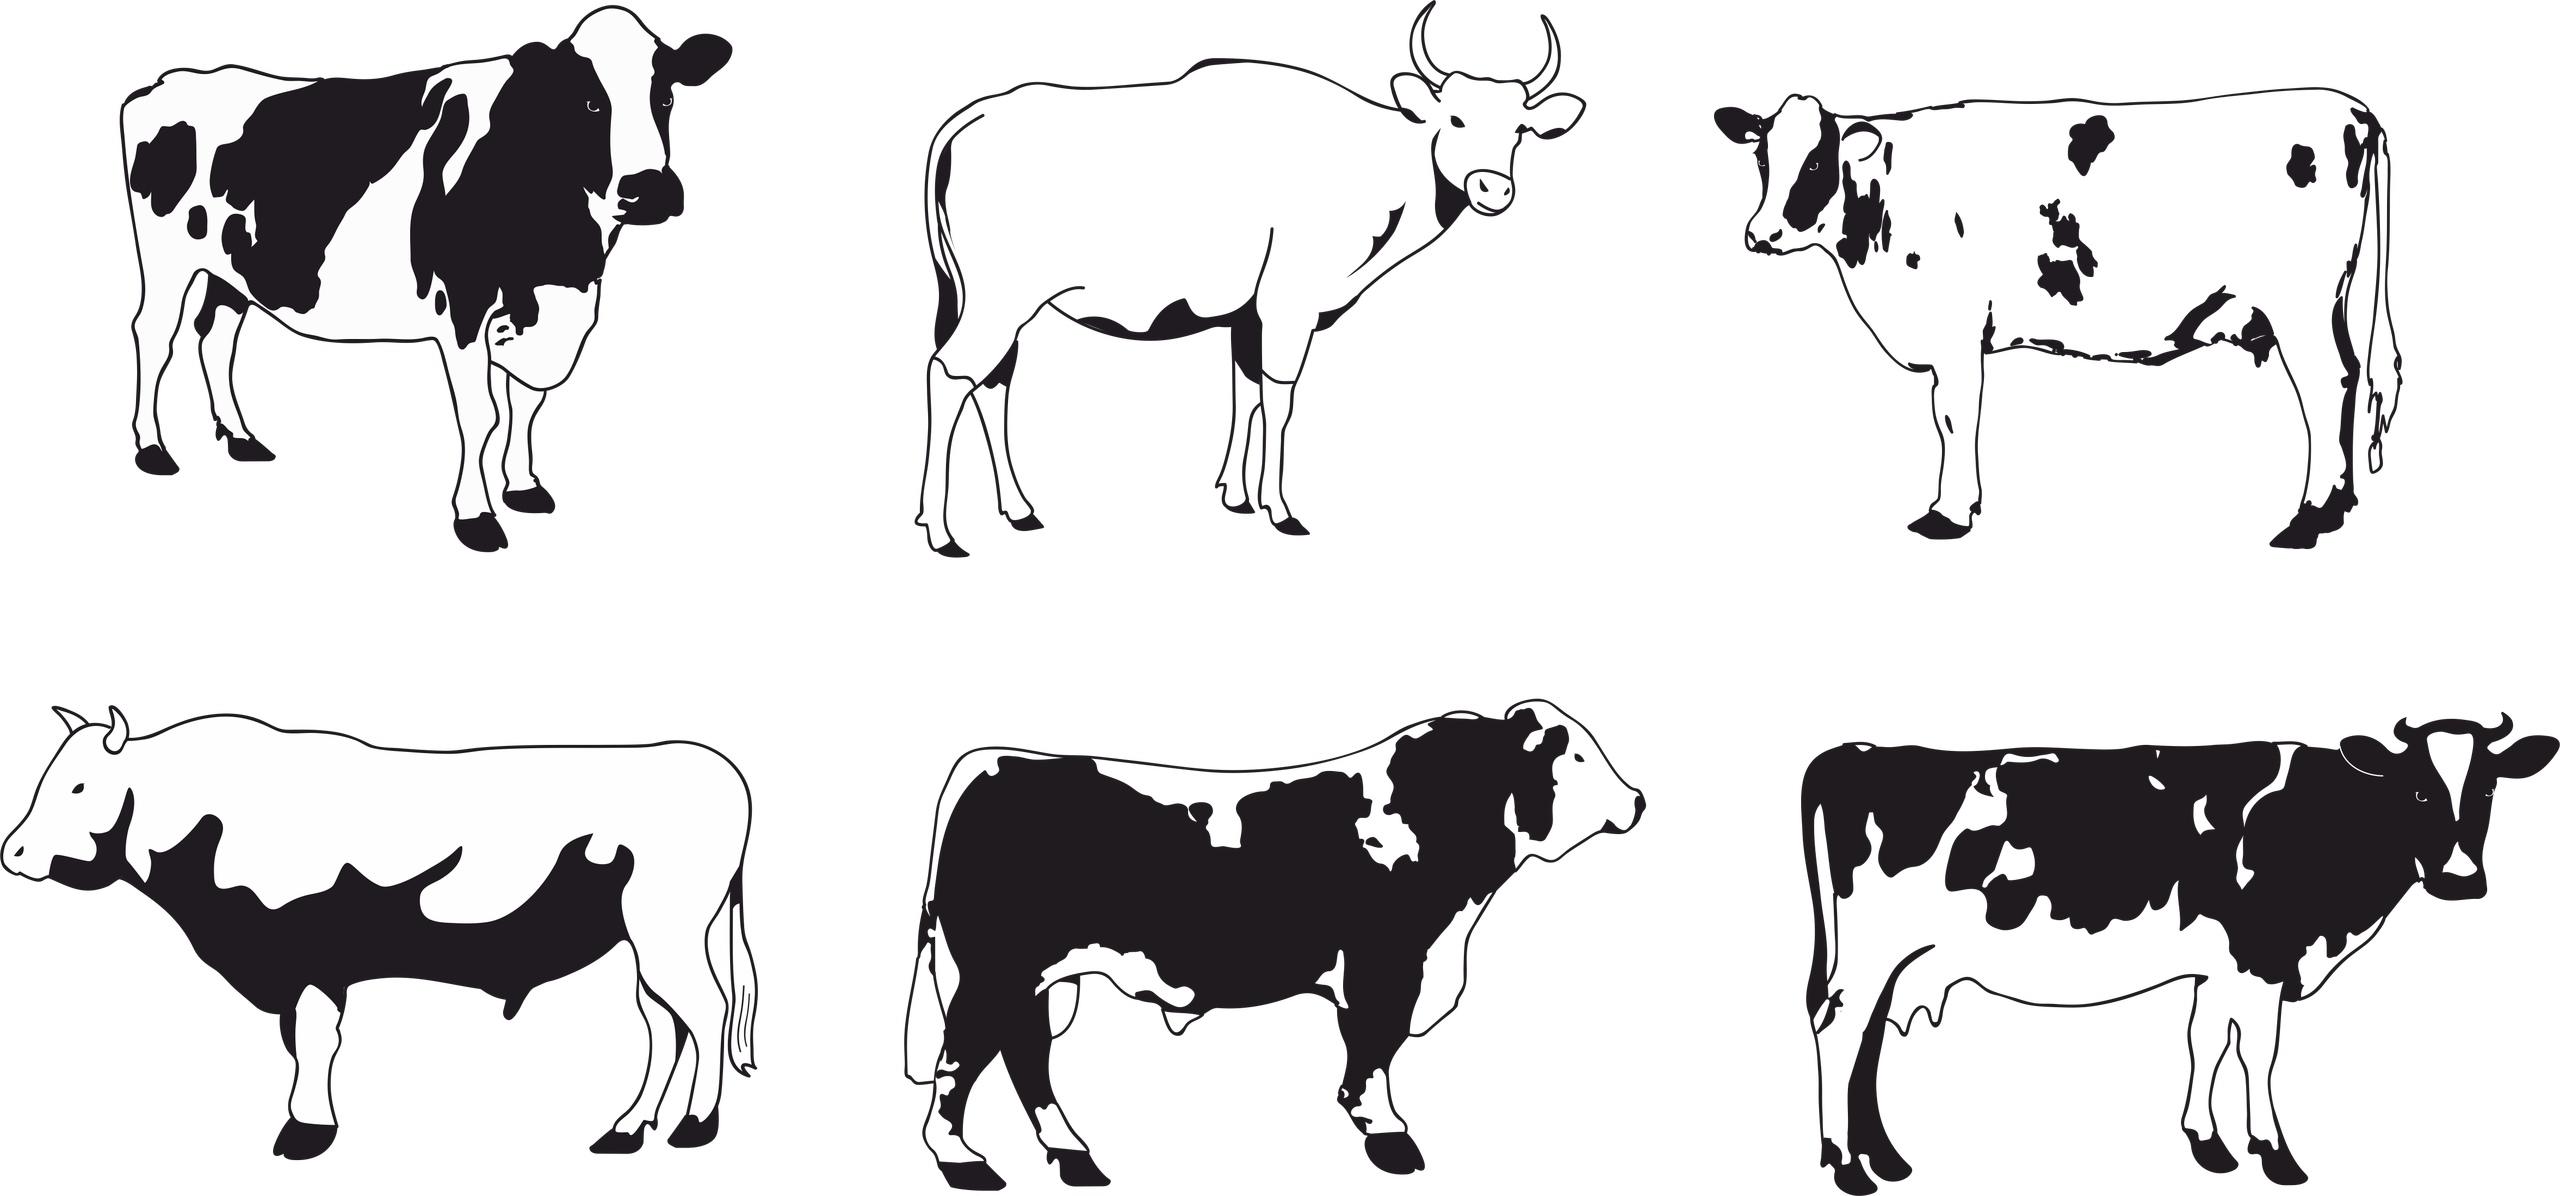 كيفية البدء بمشروع مزرعة ماشية وطرق الربح منة 2020 8